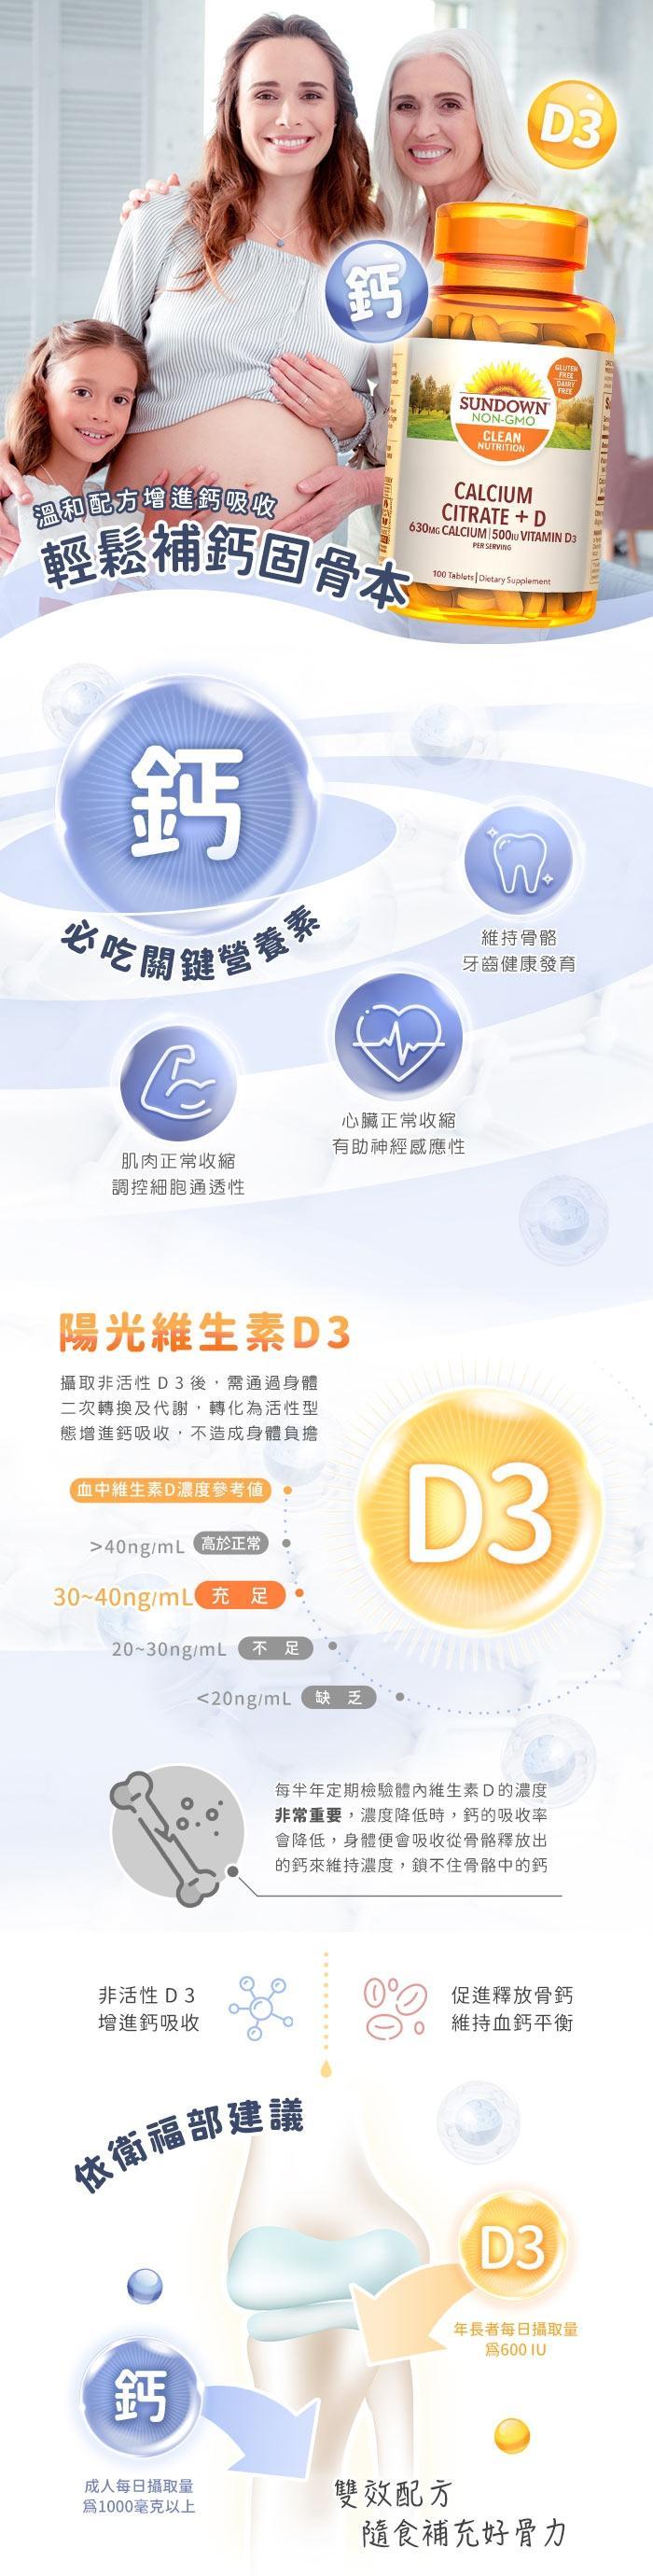 Sundown日落恩賜 精純檸檬酸鈣+維生素D3強化錠(100錠_50天份)產品資訊